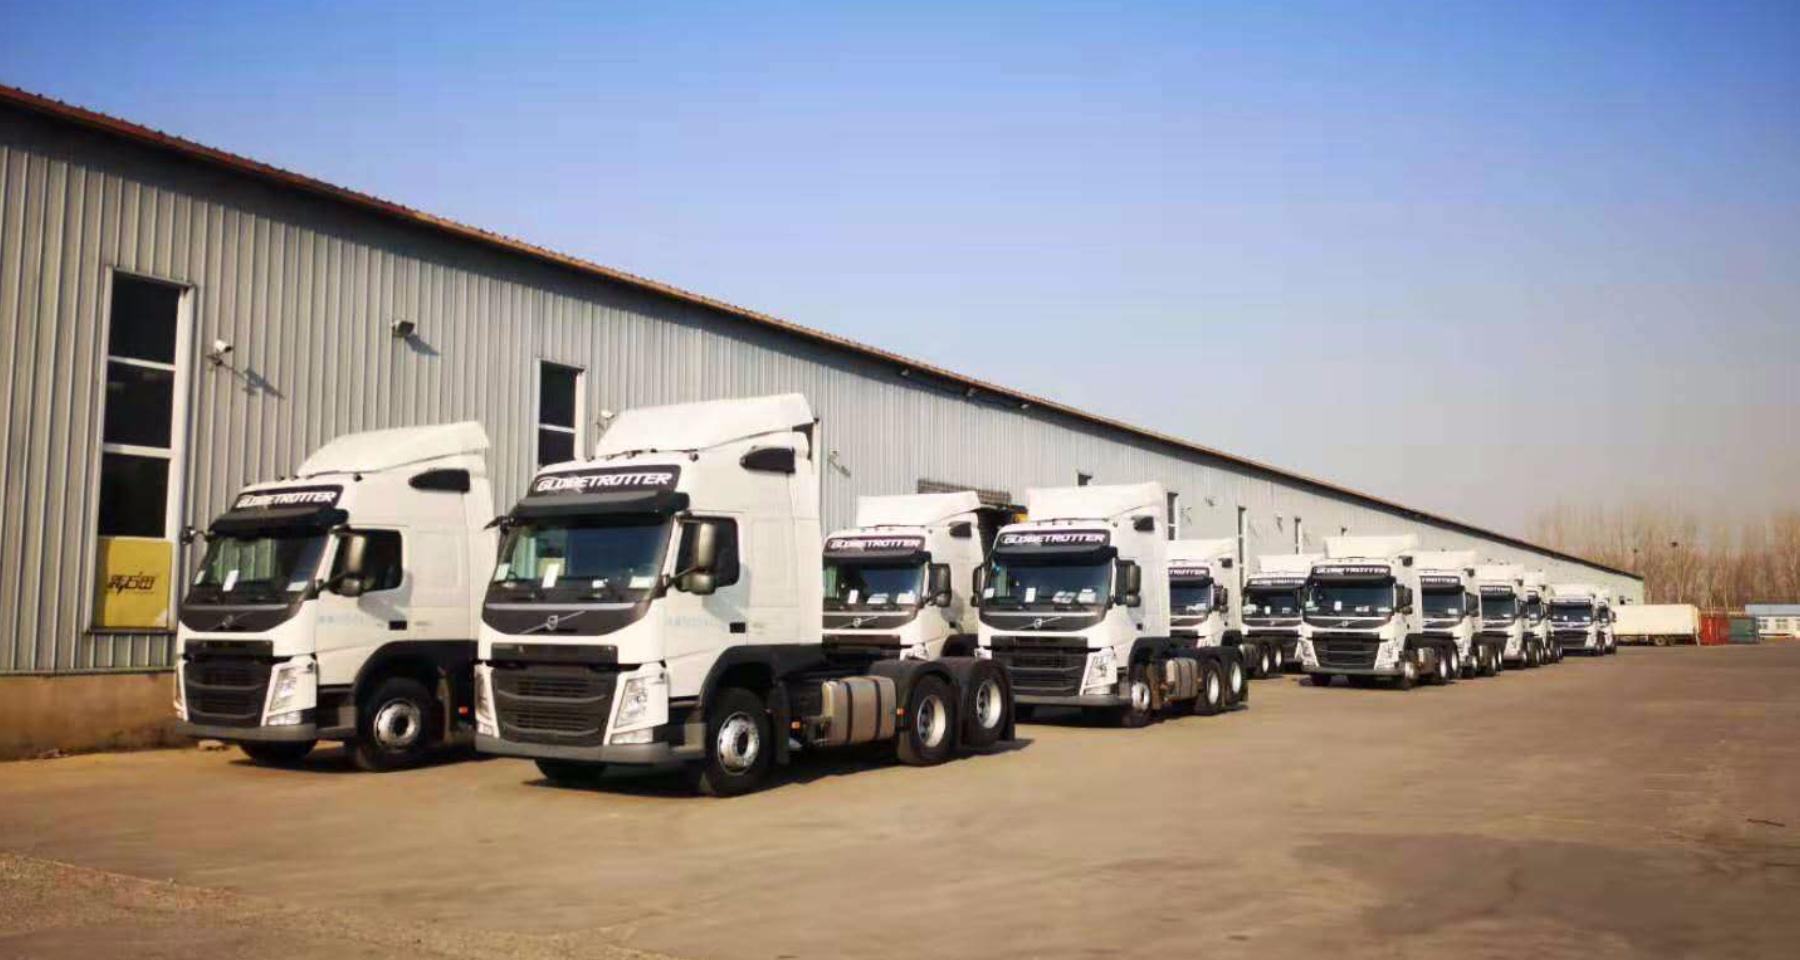 四川气垫车运输服务电话 欢迎咨询 上海立森物流供应